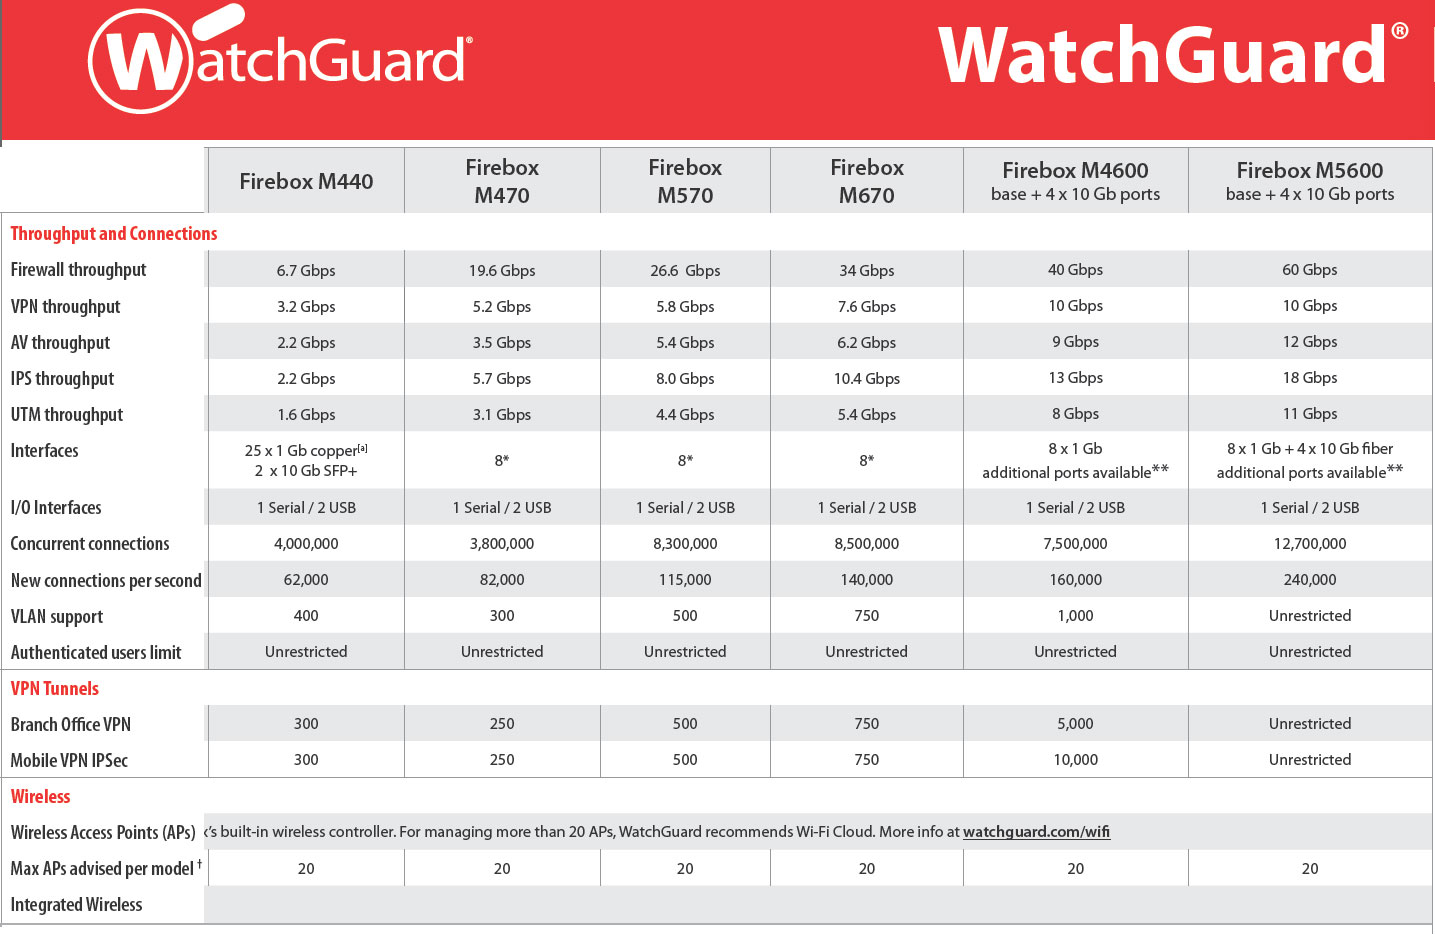 Watchguard Product Matrix Datasheets